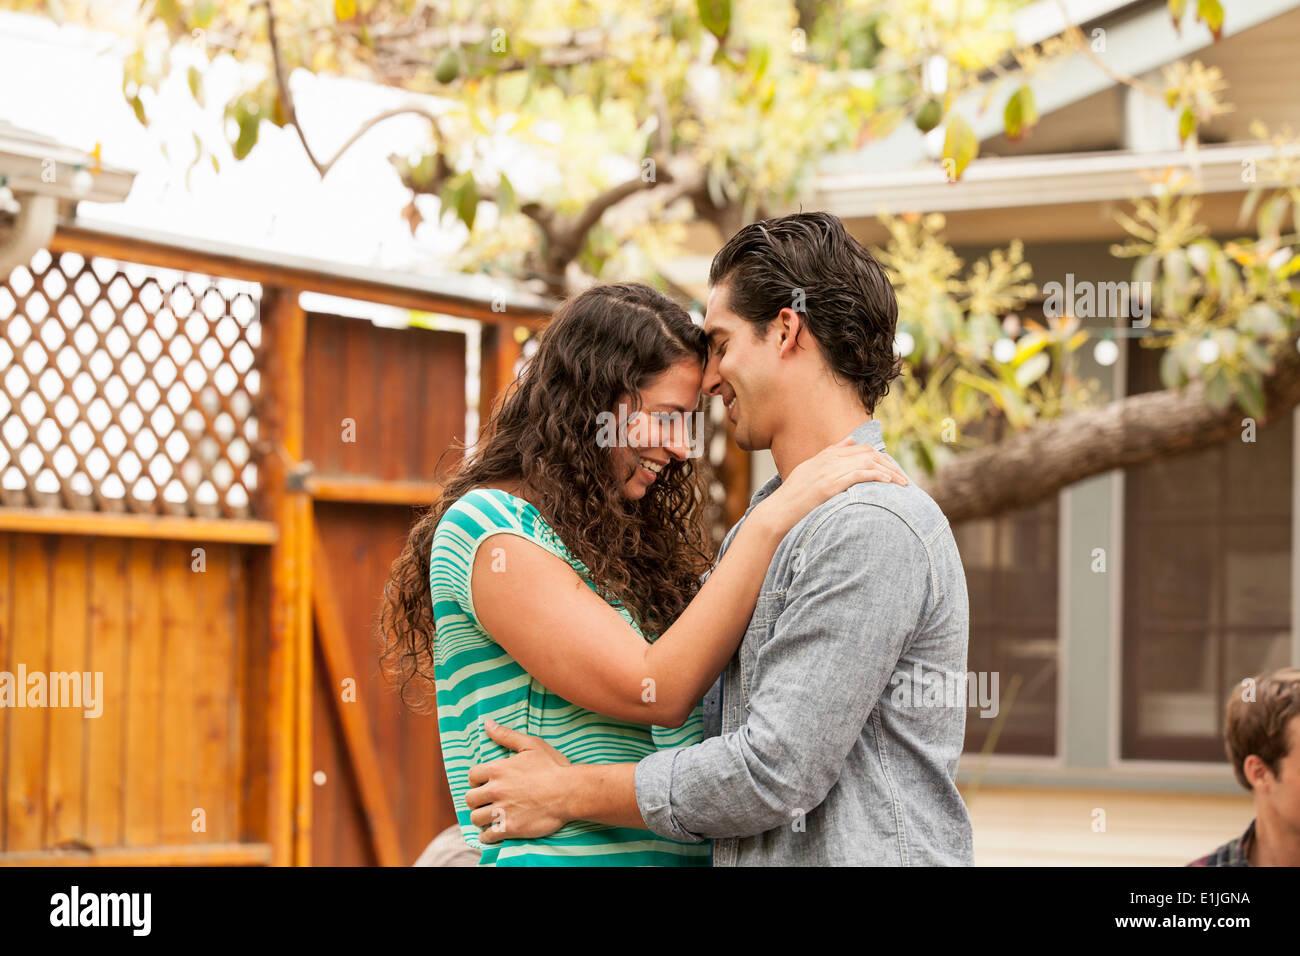 Couple in garden, face to face - Stock Image